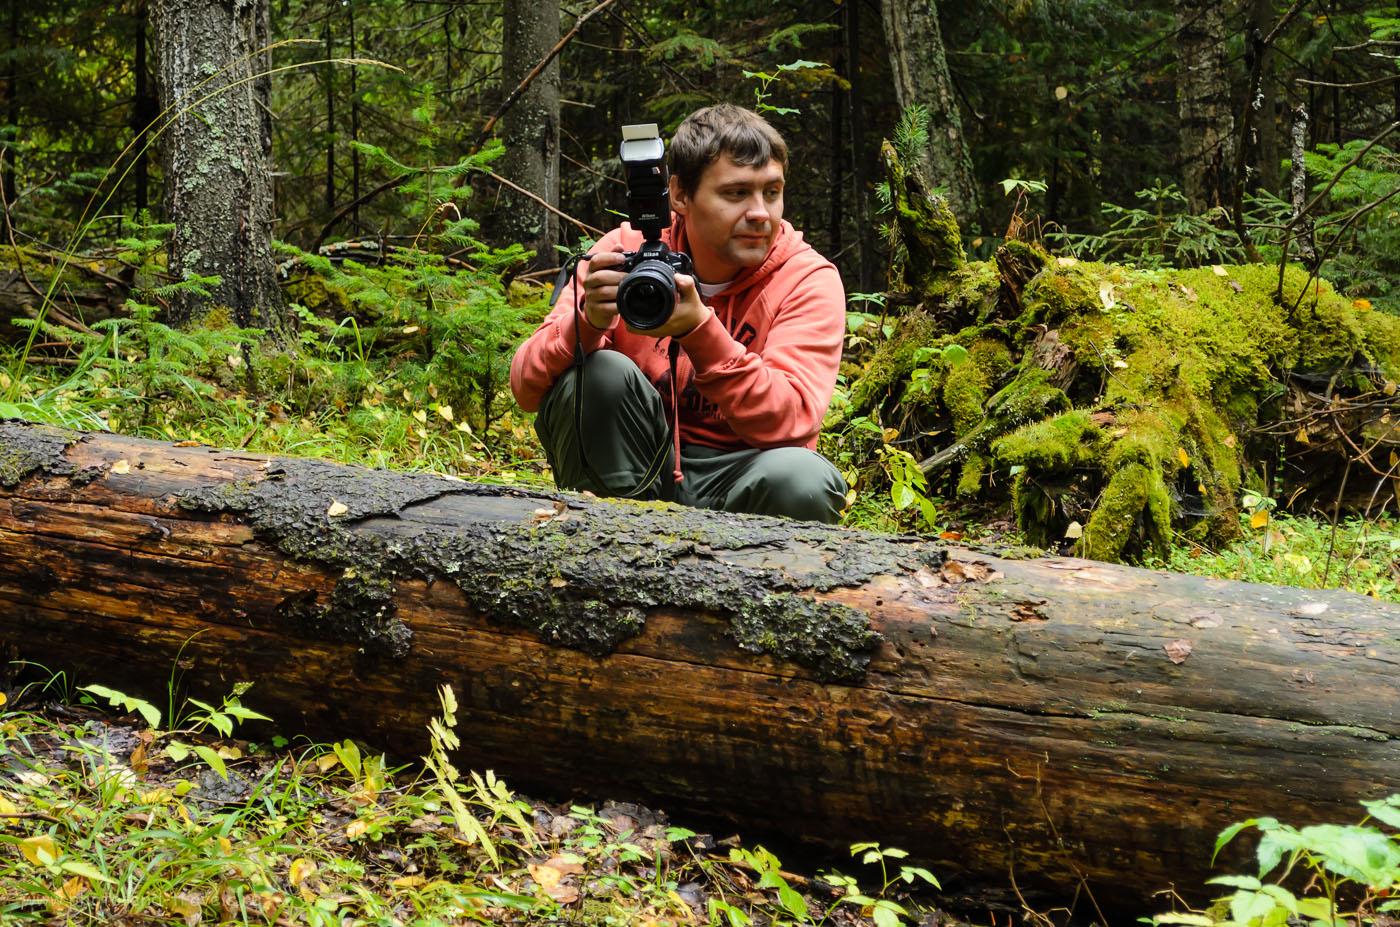 Фото 12. Прогулка вокруг озера Бездонное. Отчет о пешем походе выходного дня. Так выглядит Nikon D5100 с объективом Sigma 18-250 и внешней вспышкой Speedlight SB-900. 1/40, 5.3, 45, 400.